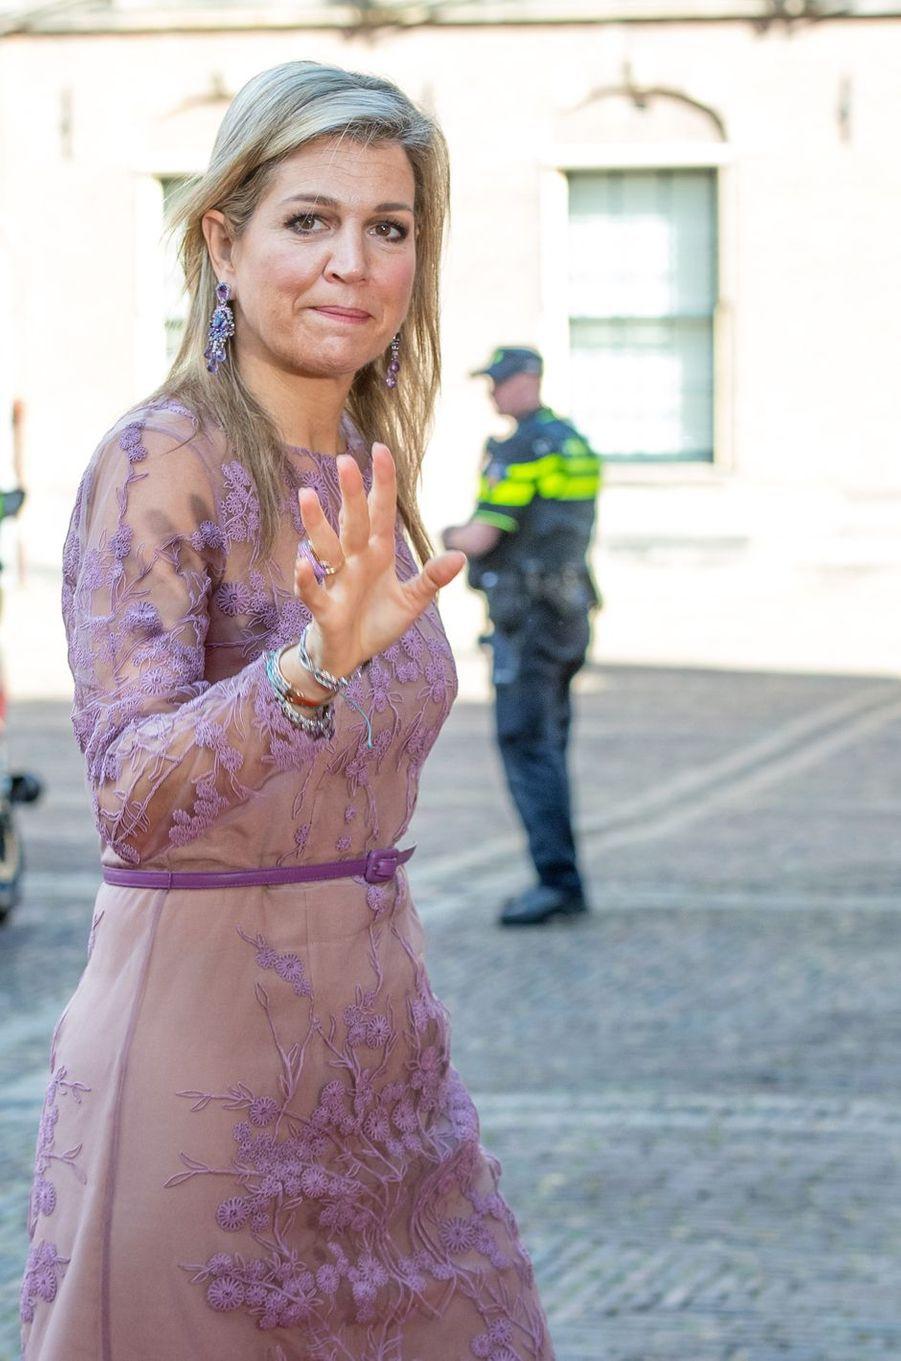 La reine Maxima des Pays-Bas à La Haye, le 21 juin 2018